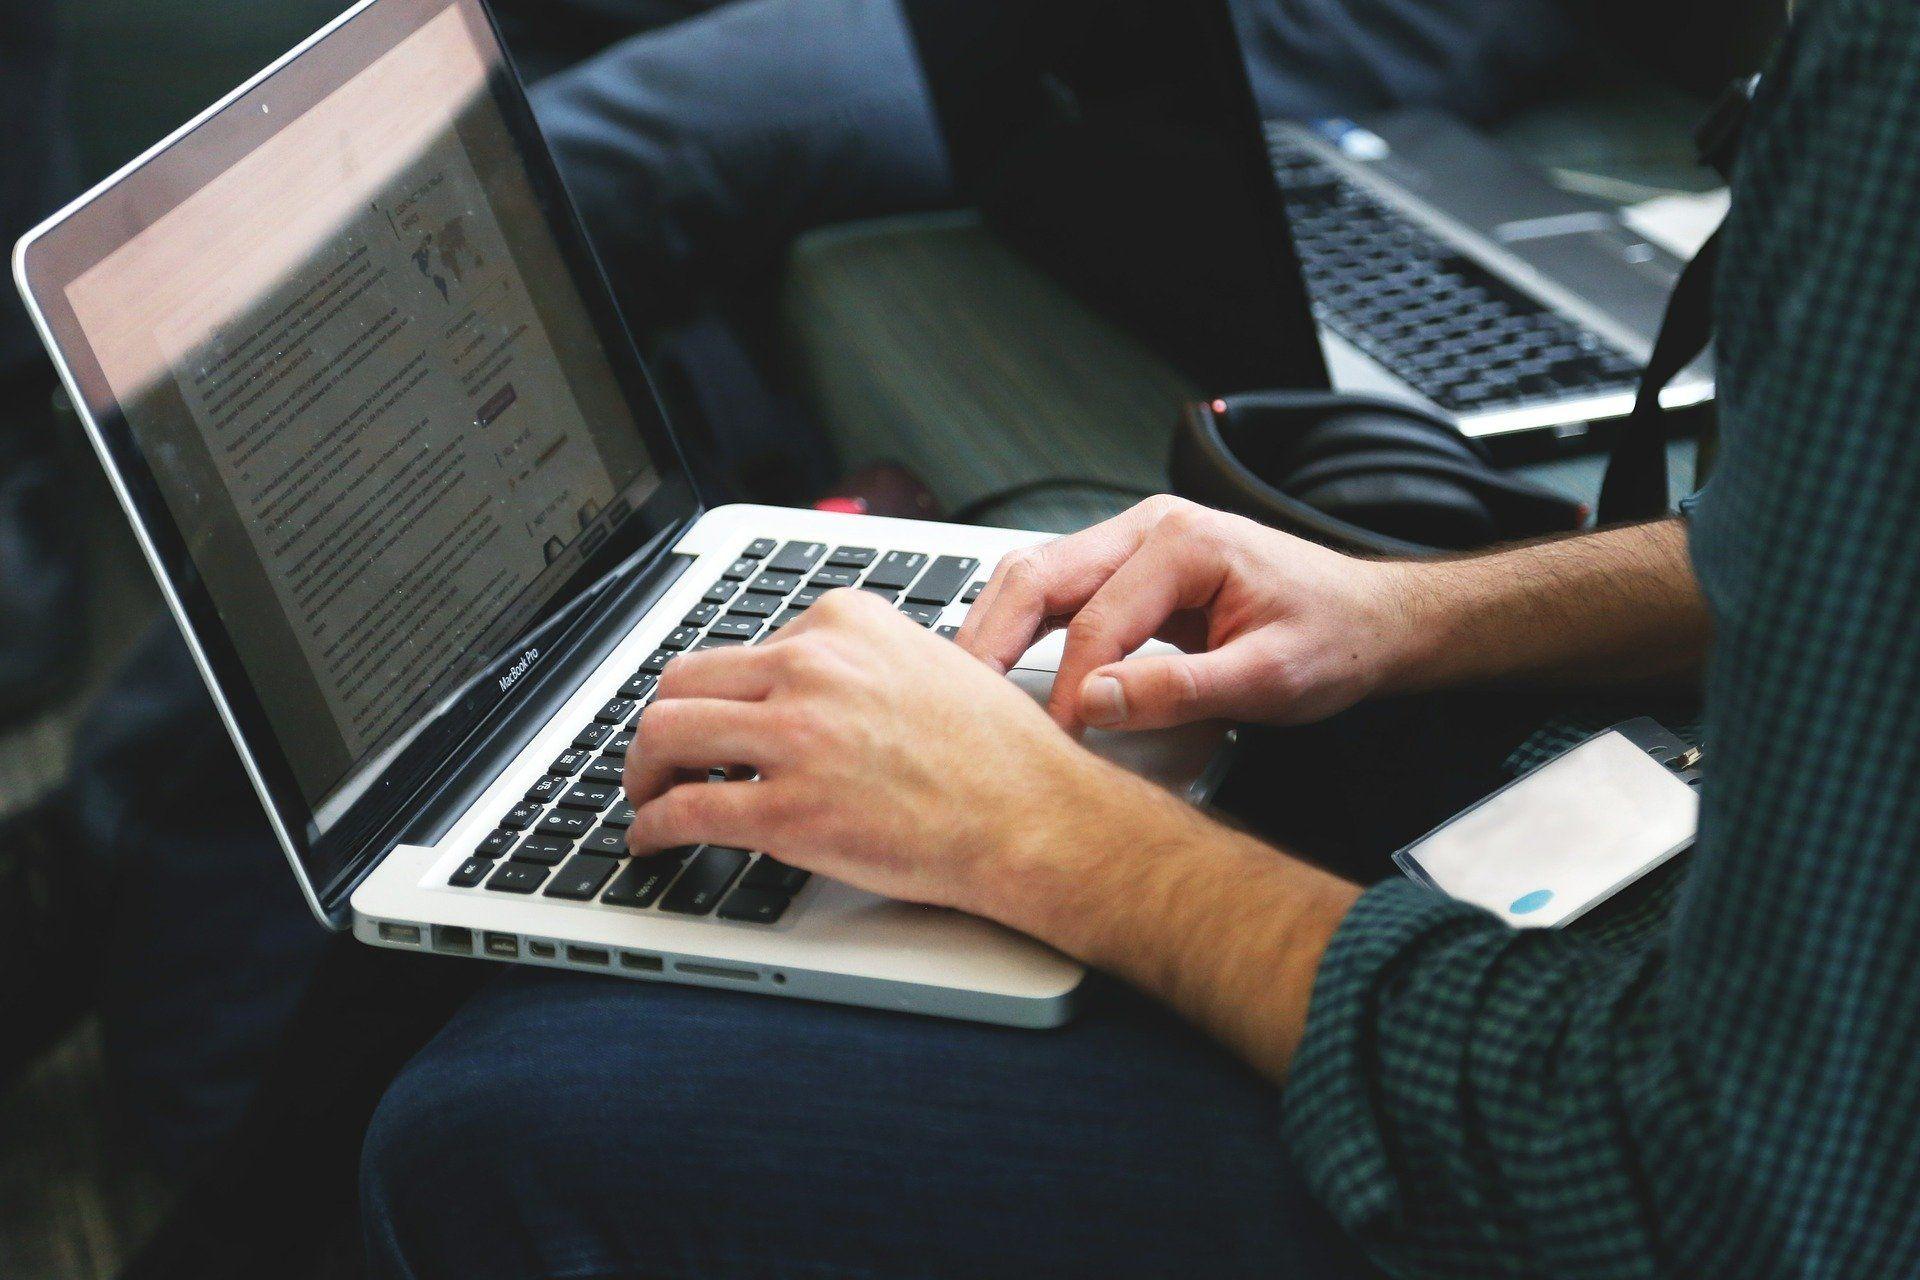 Ein Mann tippt etwas in seinen Laptop ein.